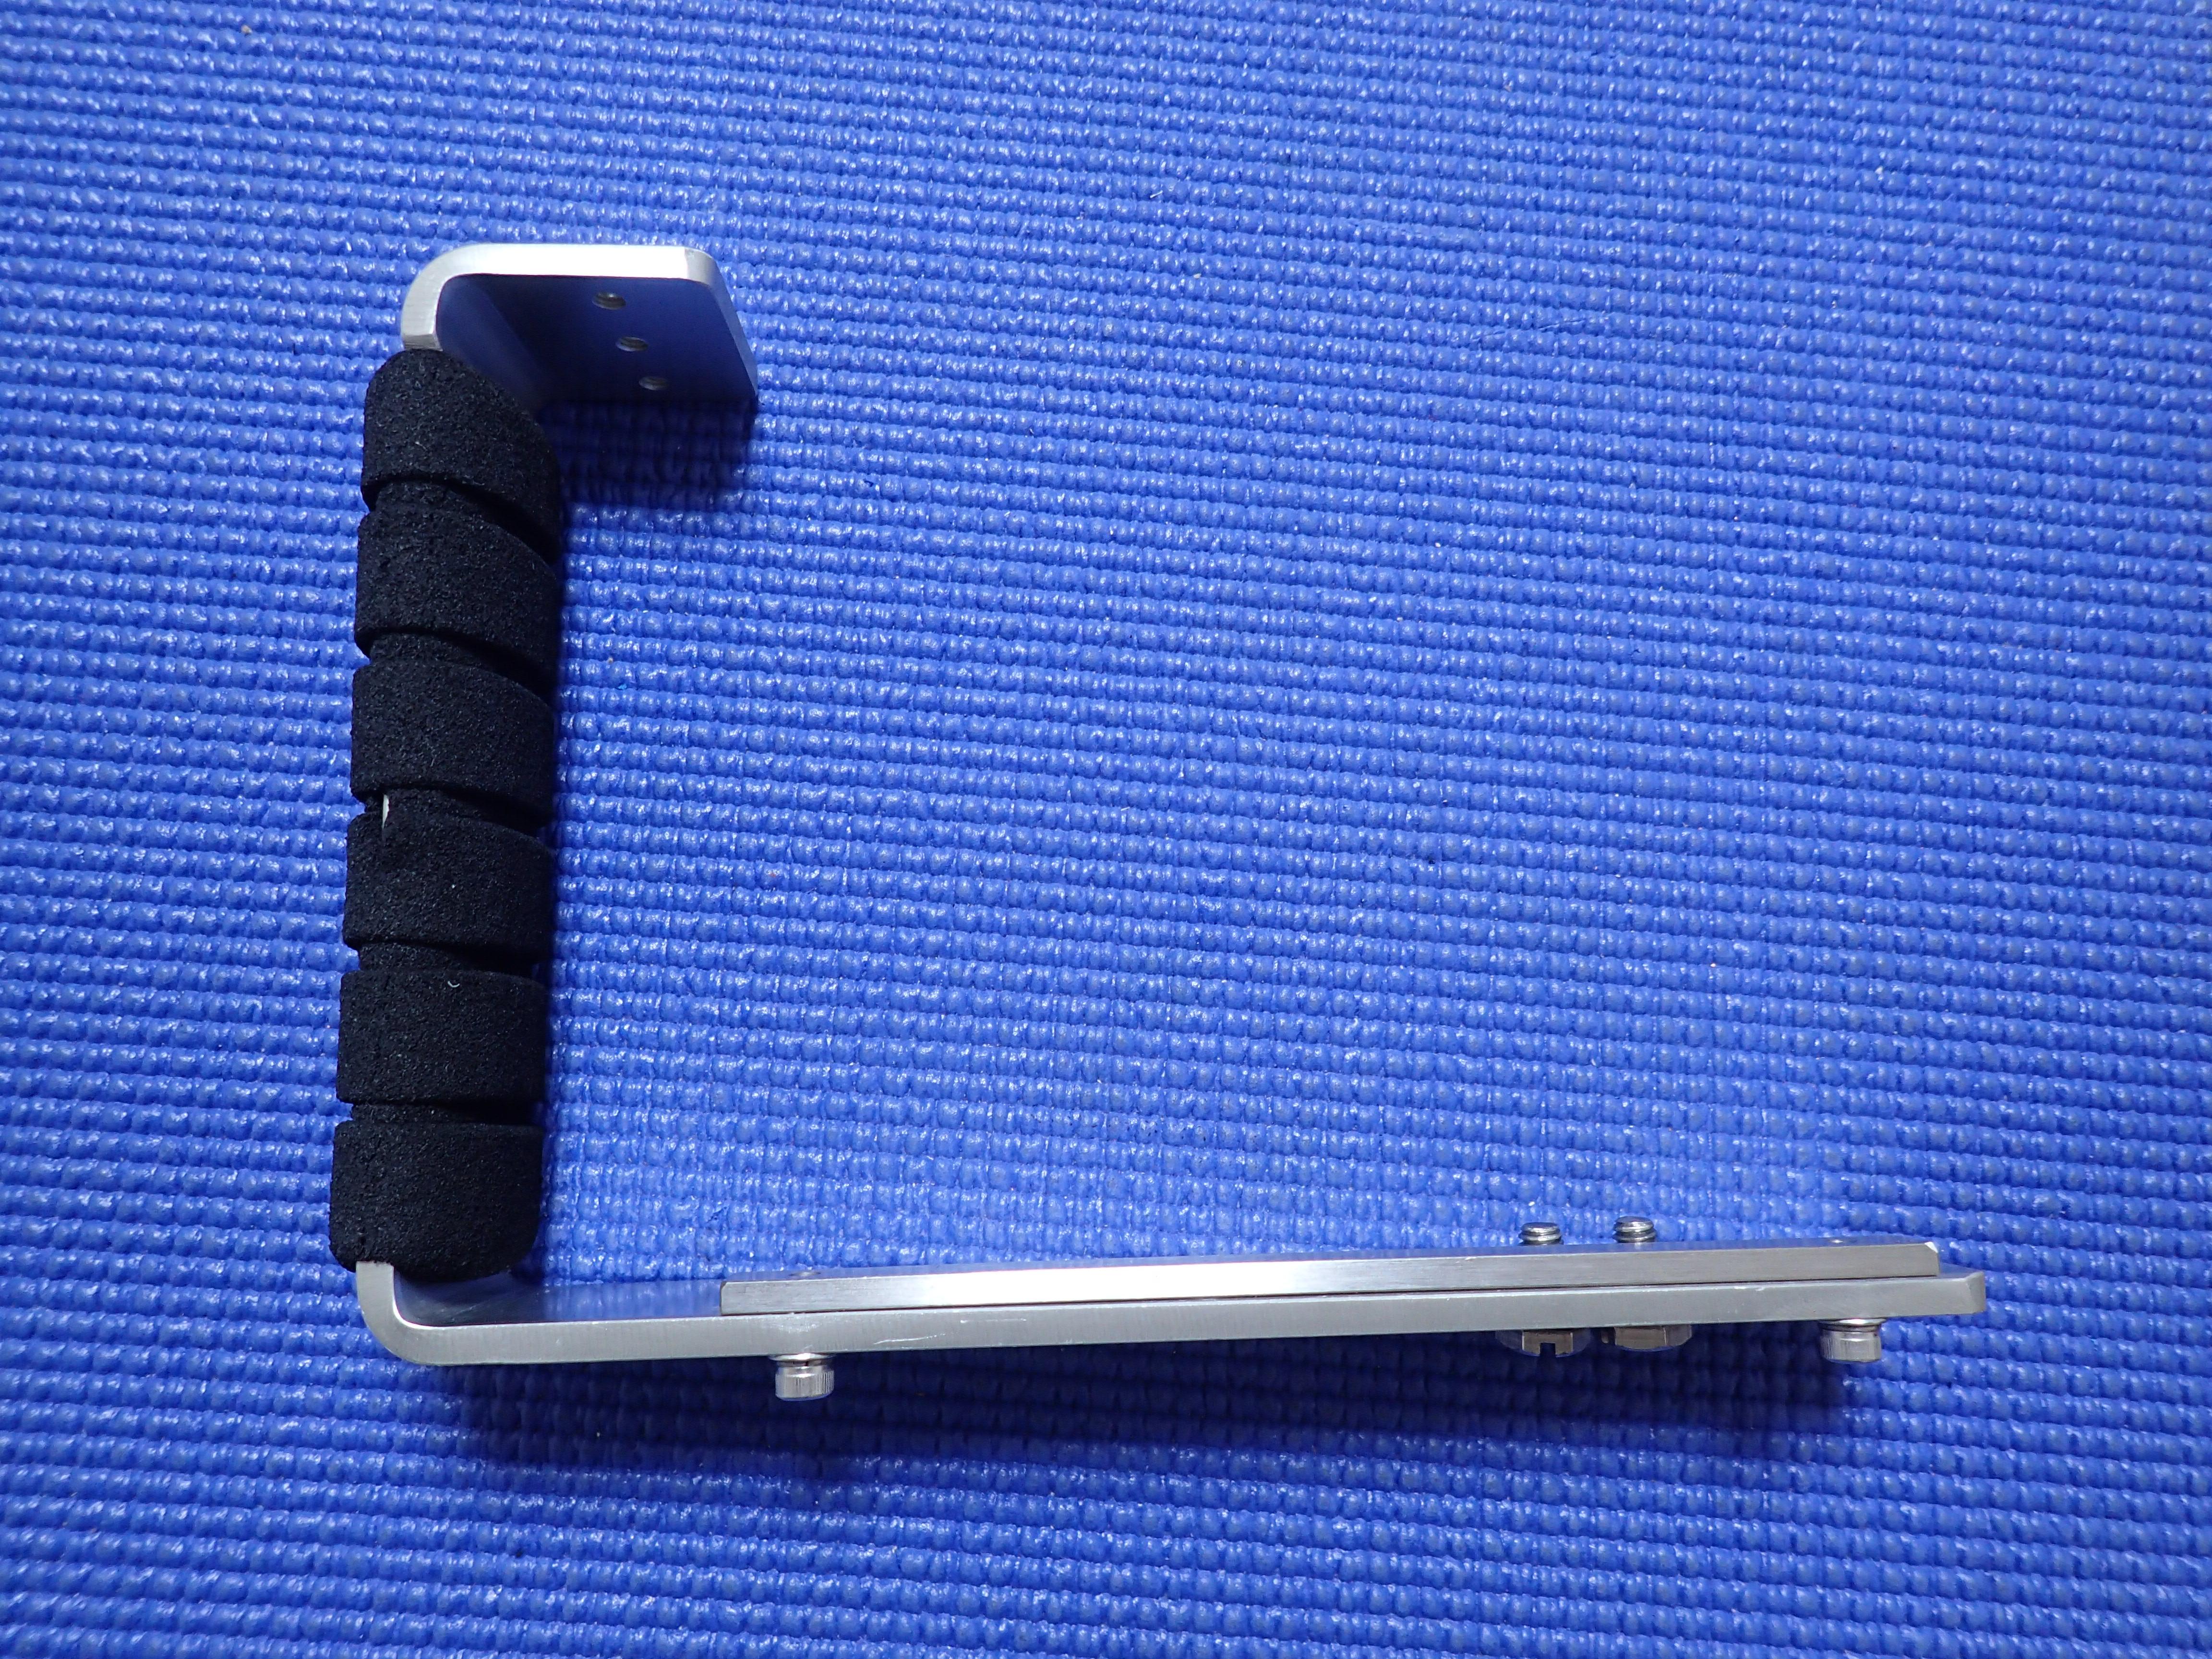 中古水中カメラ機材 MPBK-03片手グリップ(ブラケット)